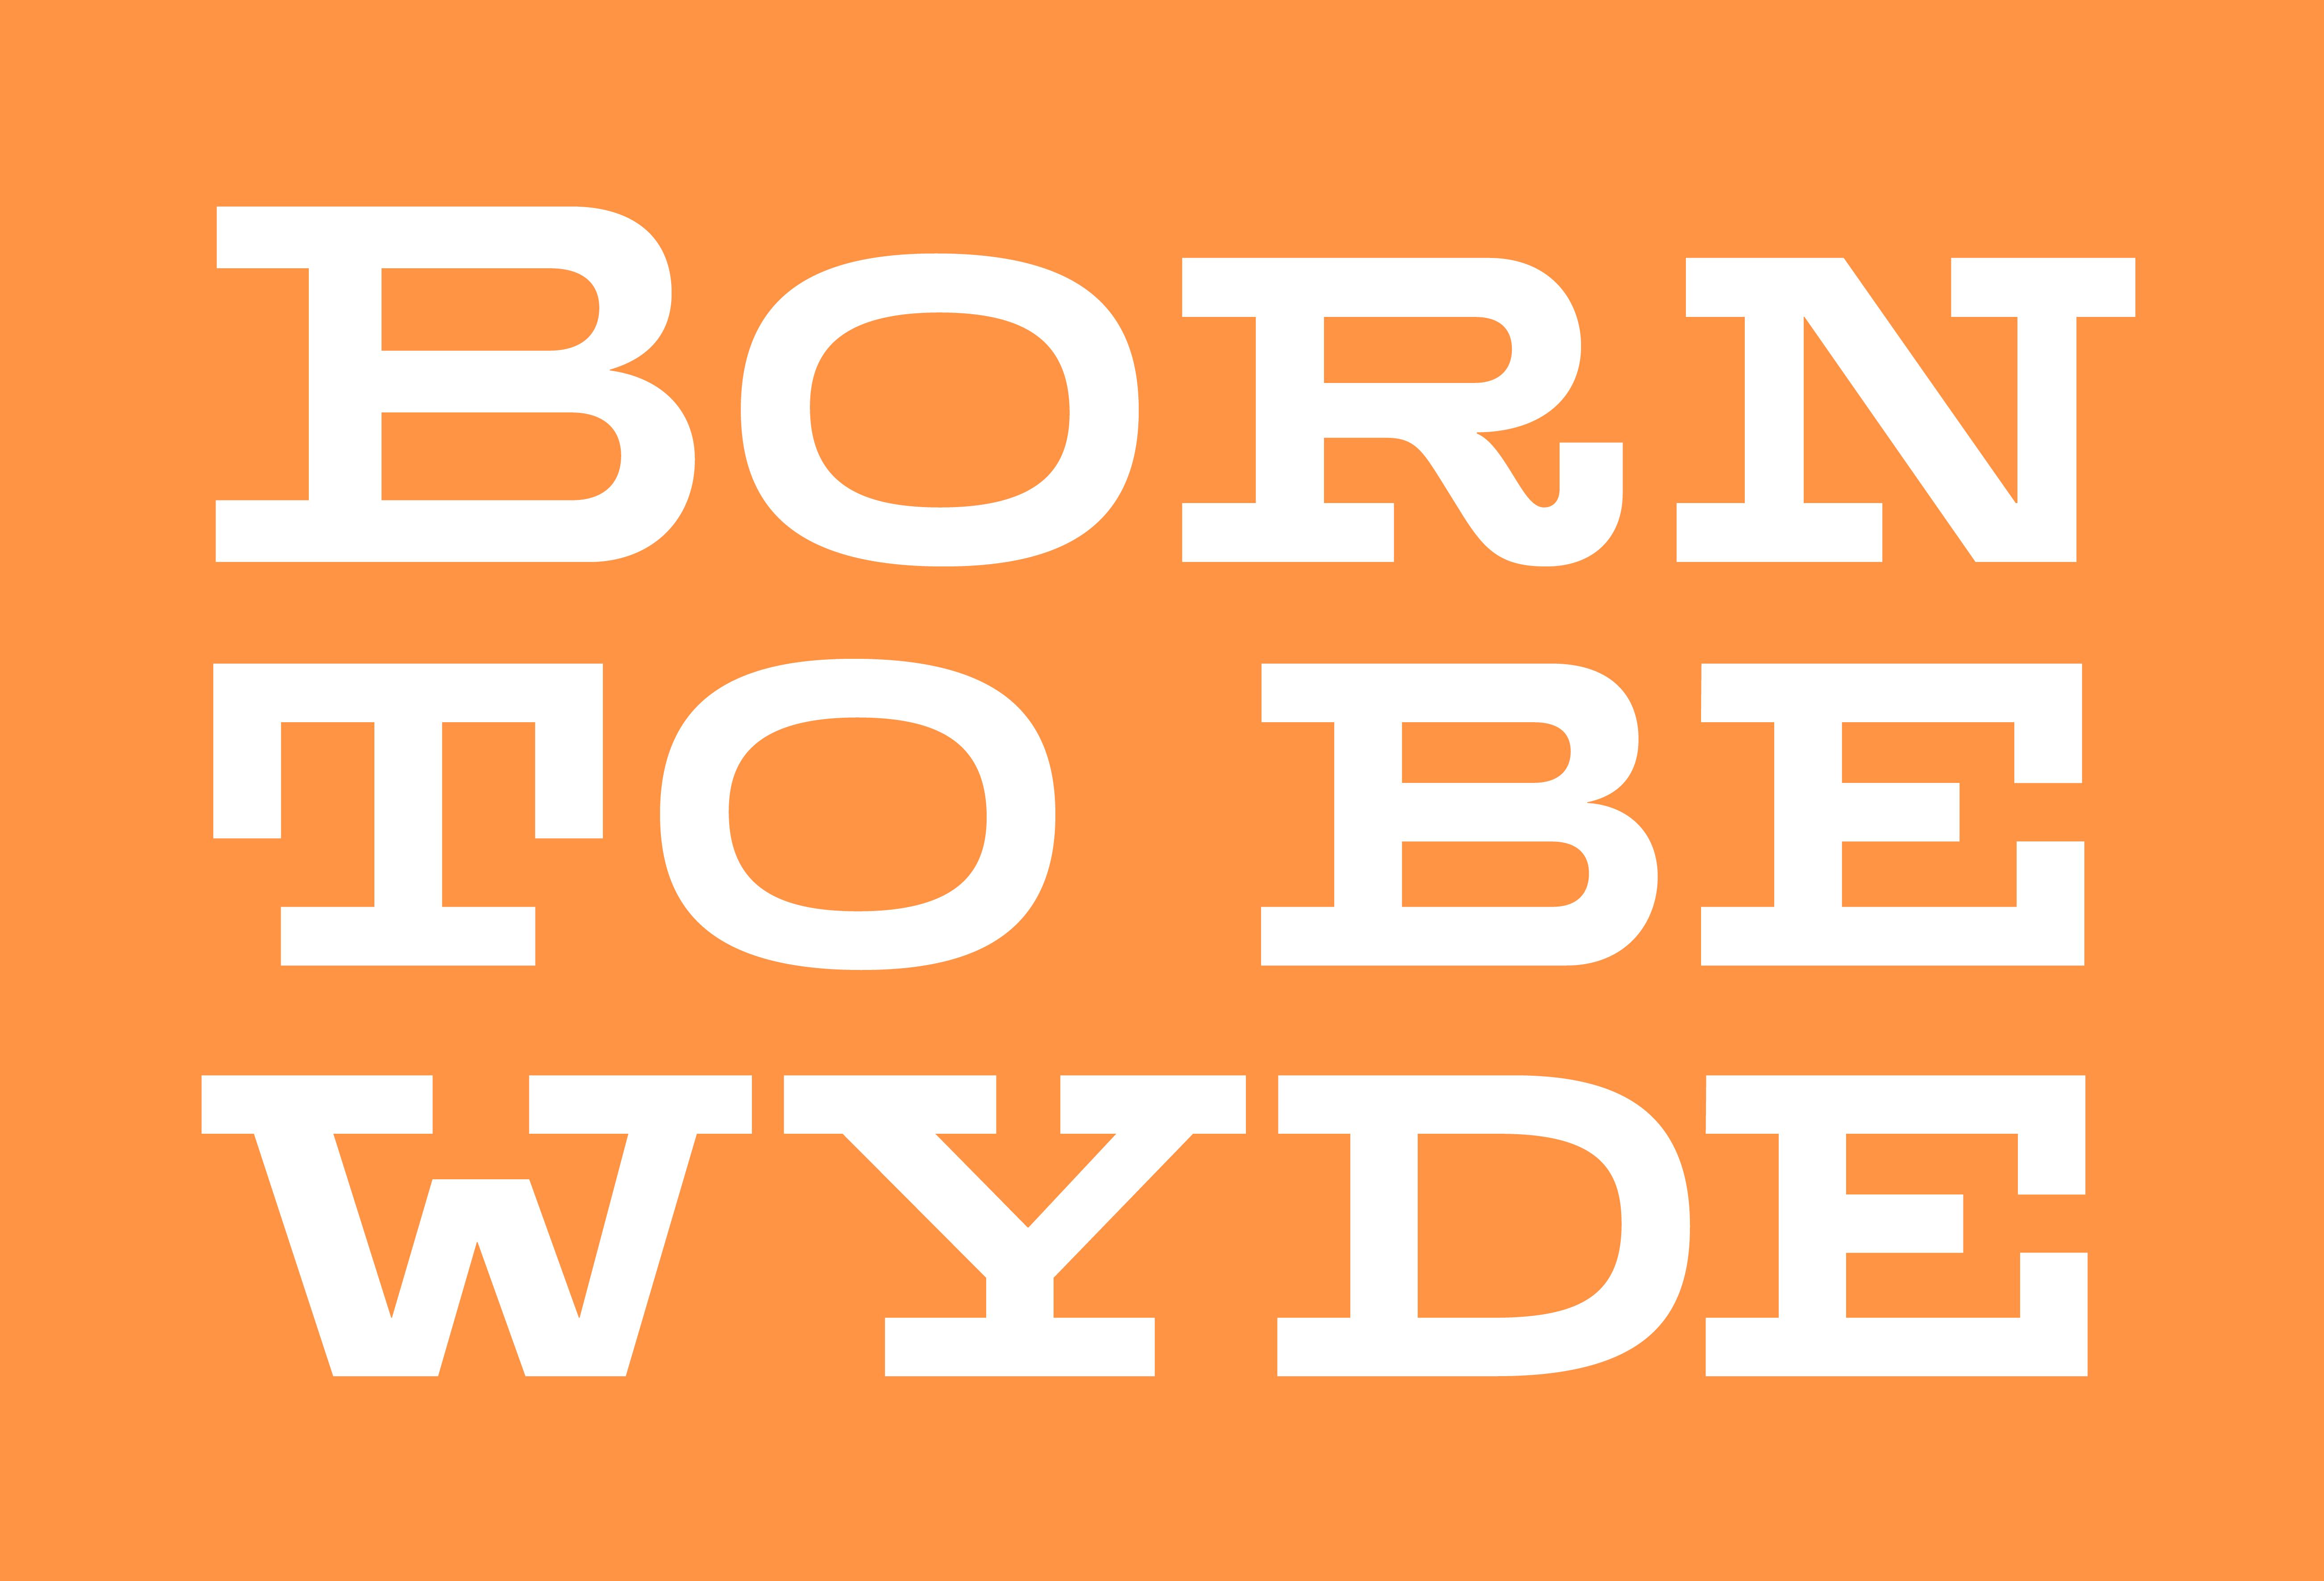 Wyde_Ignacio_casco_born_to_be_wyde